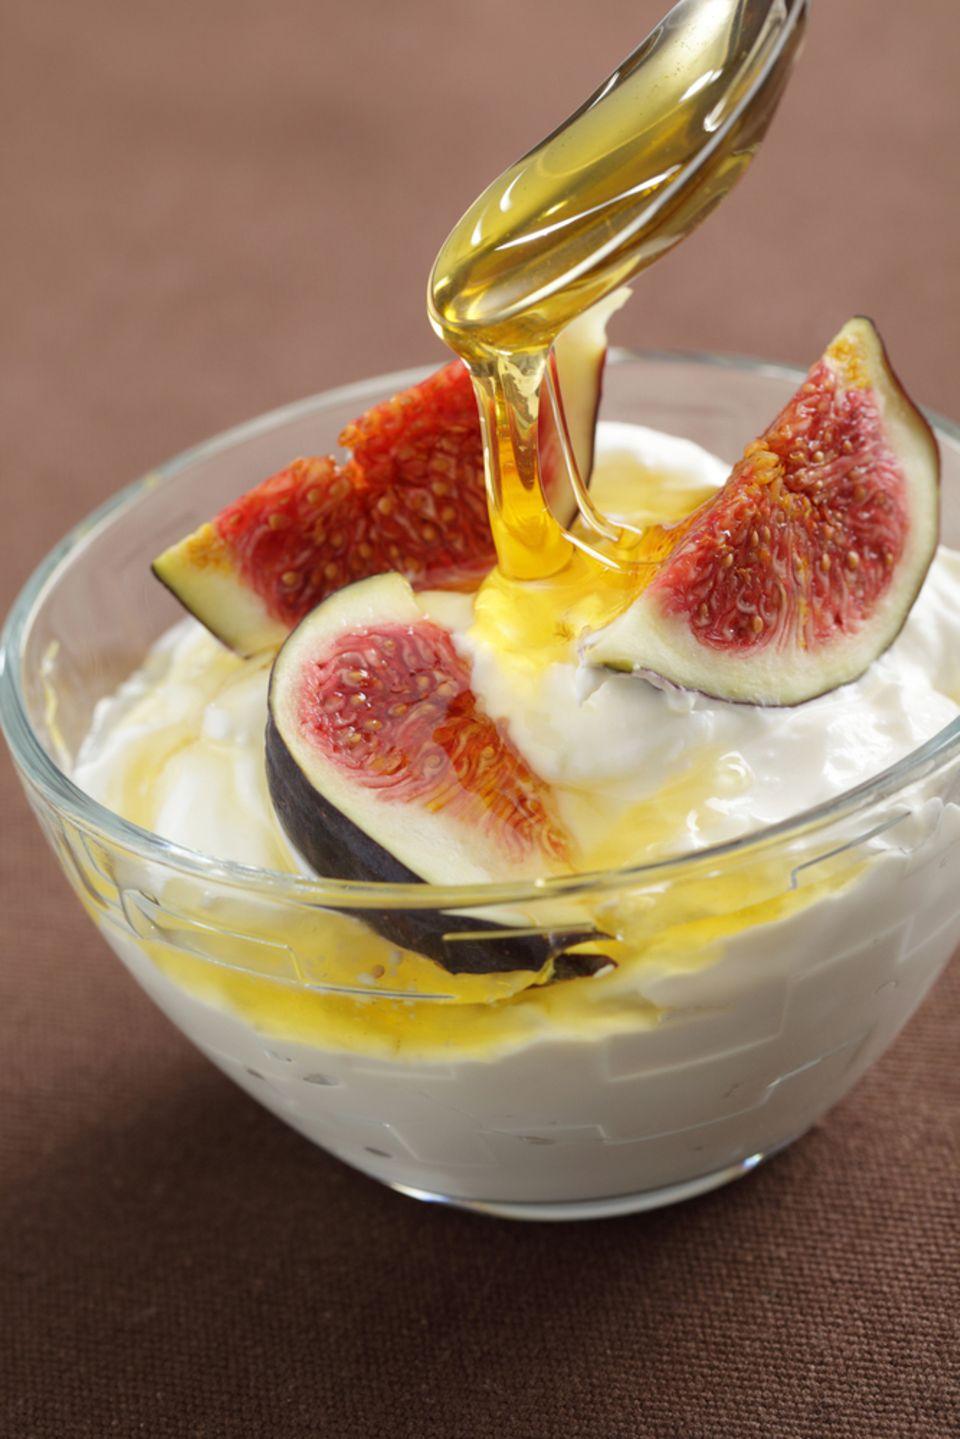 Hat weniger Zucker als fertiger Früchtejoghurt: Naturjoghurt mit etwas Honig und Feigen